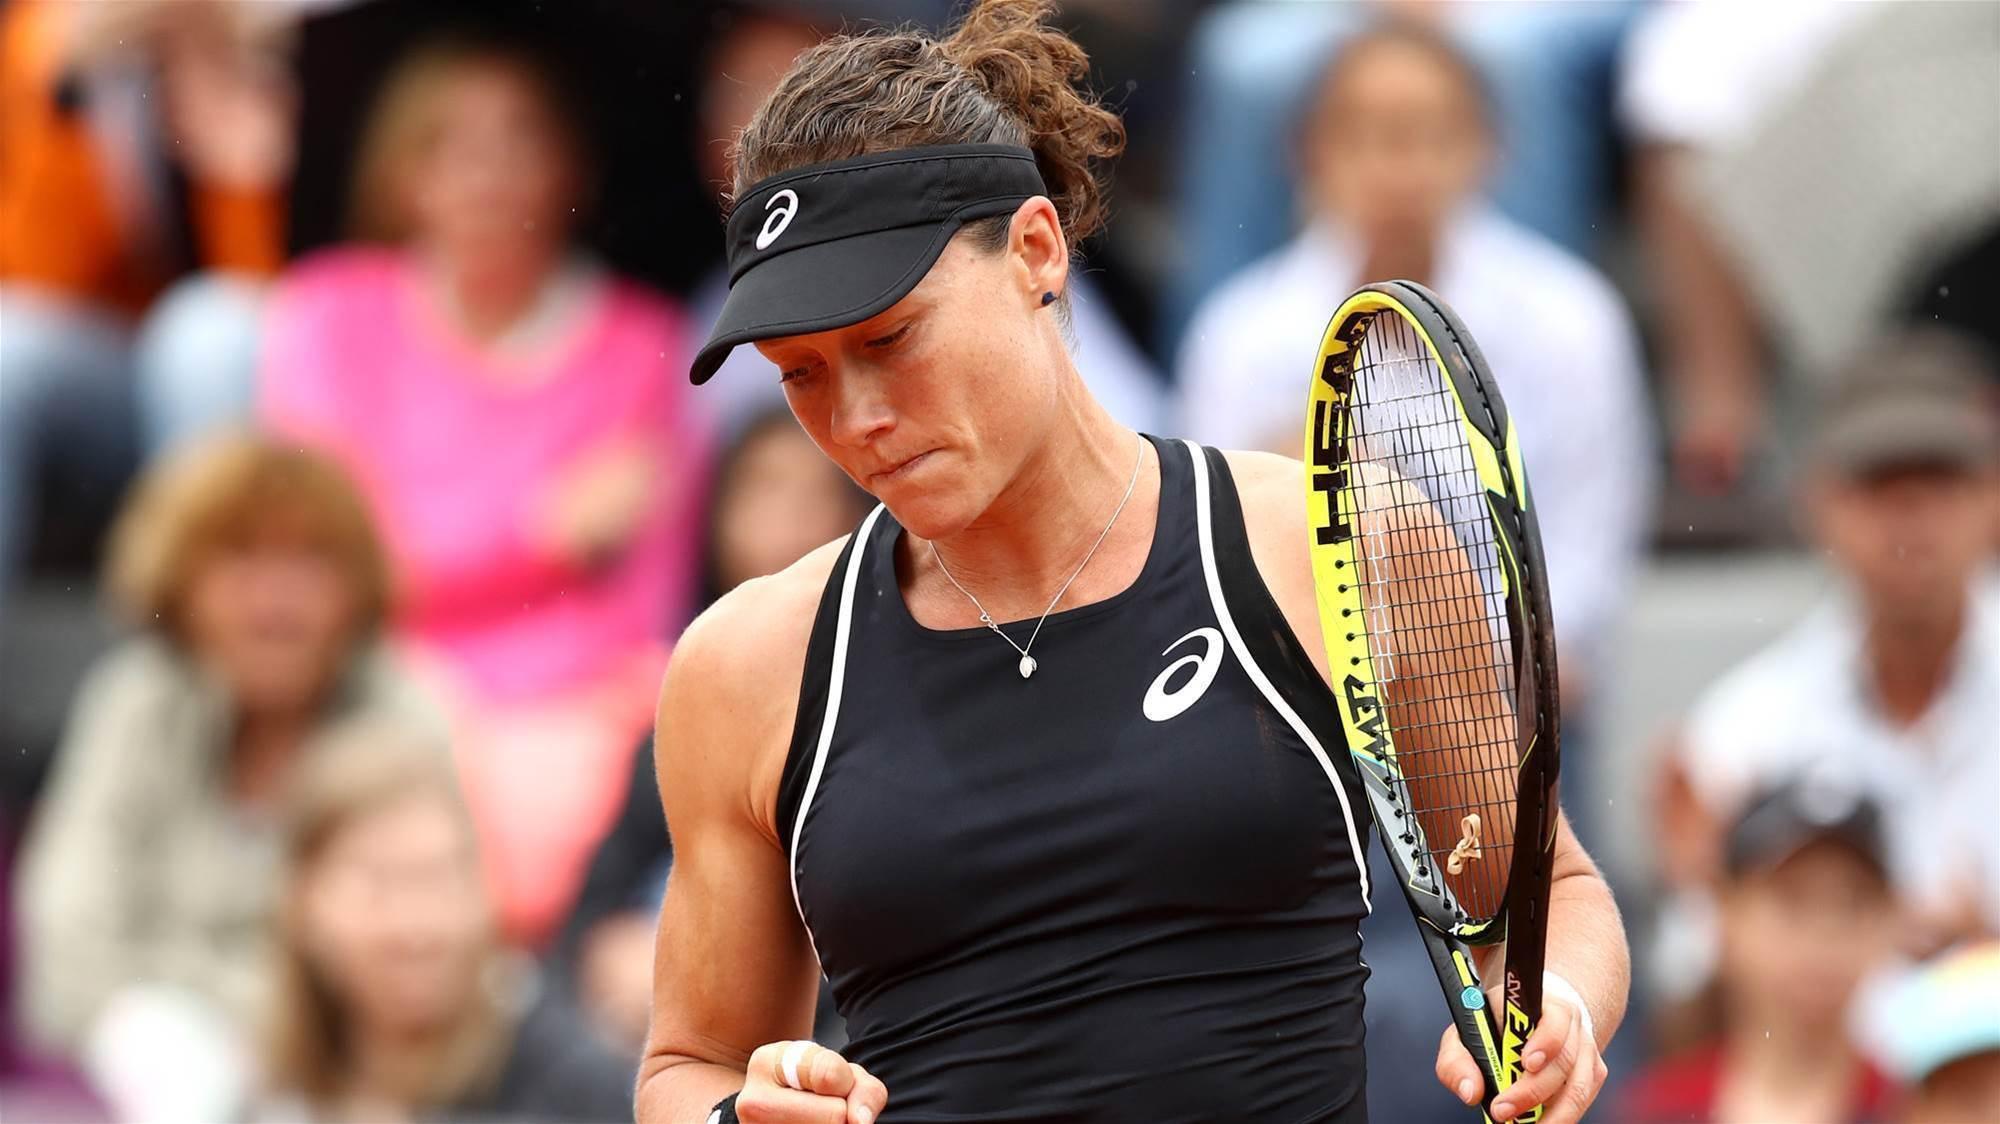 Aussie women through to next round